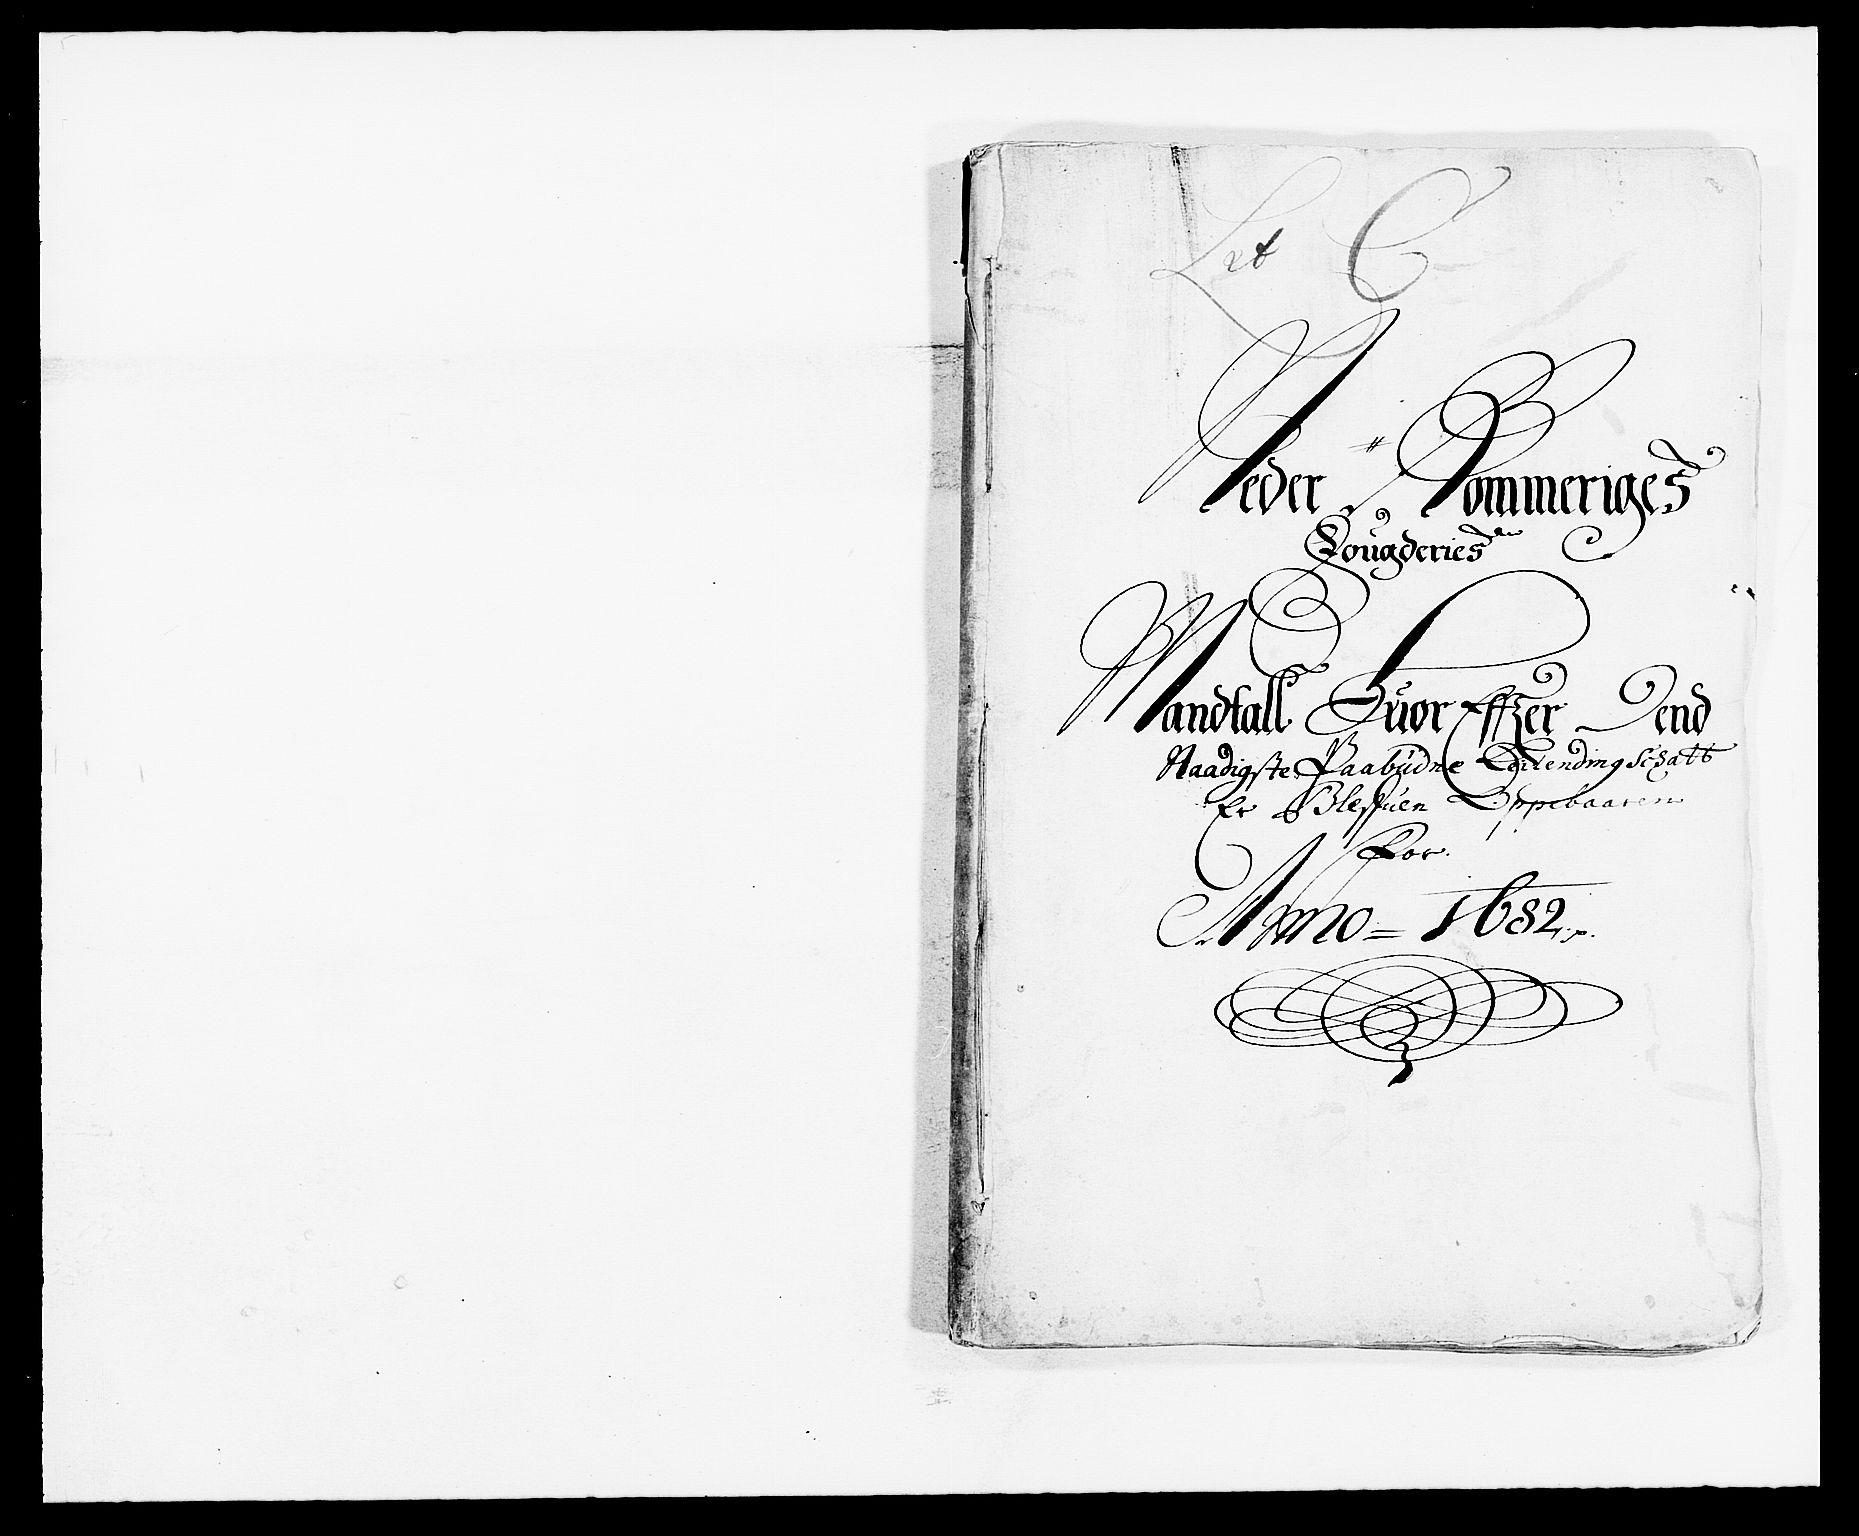 RA, Rentekammeret inntil 1814, Reviderte regnskaper, Fogderegnskap, R11/L0570: Fogderegnskap Nedre Romerike, 1682, s. 81